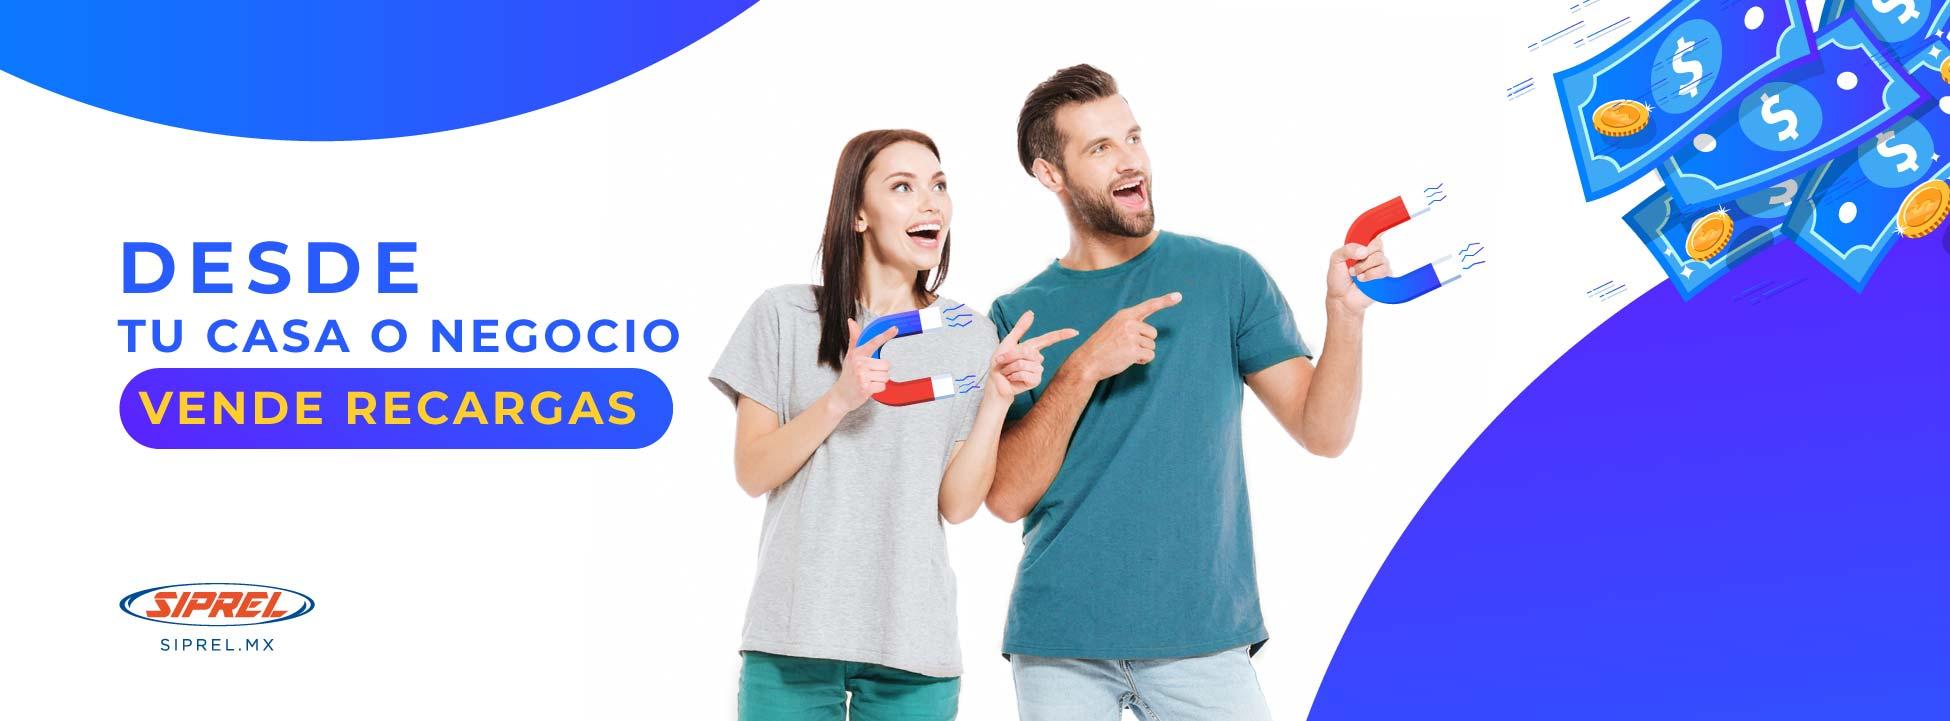 ¿Qué son las recargas electronicas?, recargas Telcel, como vender recargas para ganar dinero, Aquí te explicamos como ganar dinero con la venta de recargas, Como vender recargas y servicios, vender recargas y servicios, Recargas y Servicios